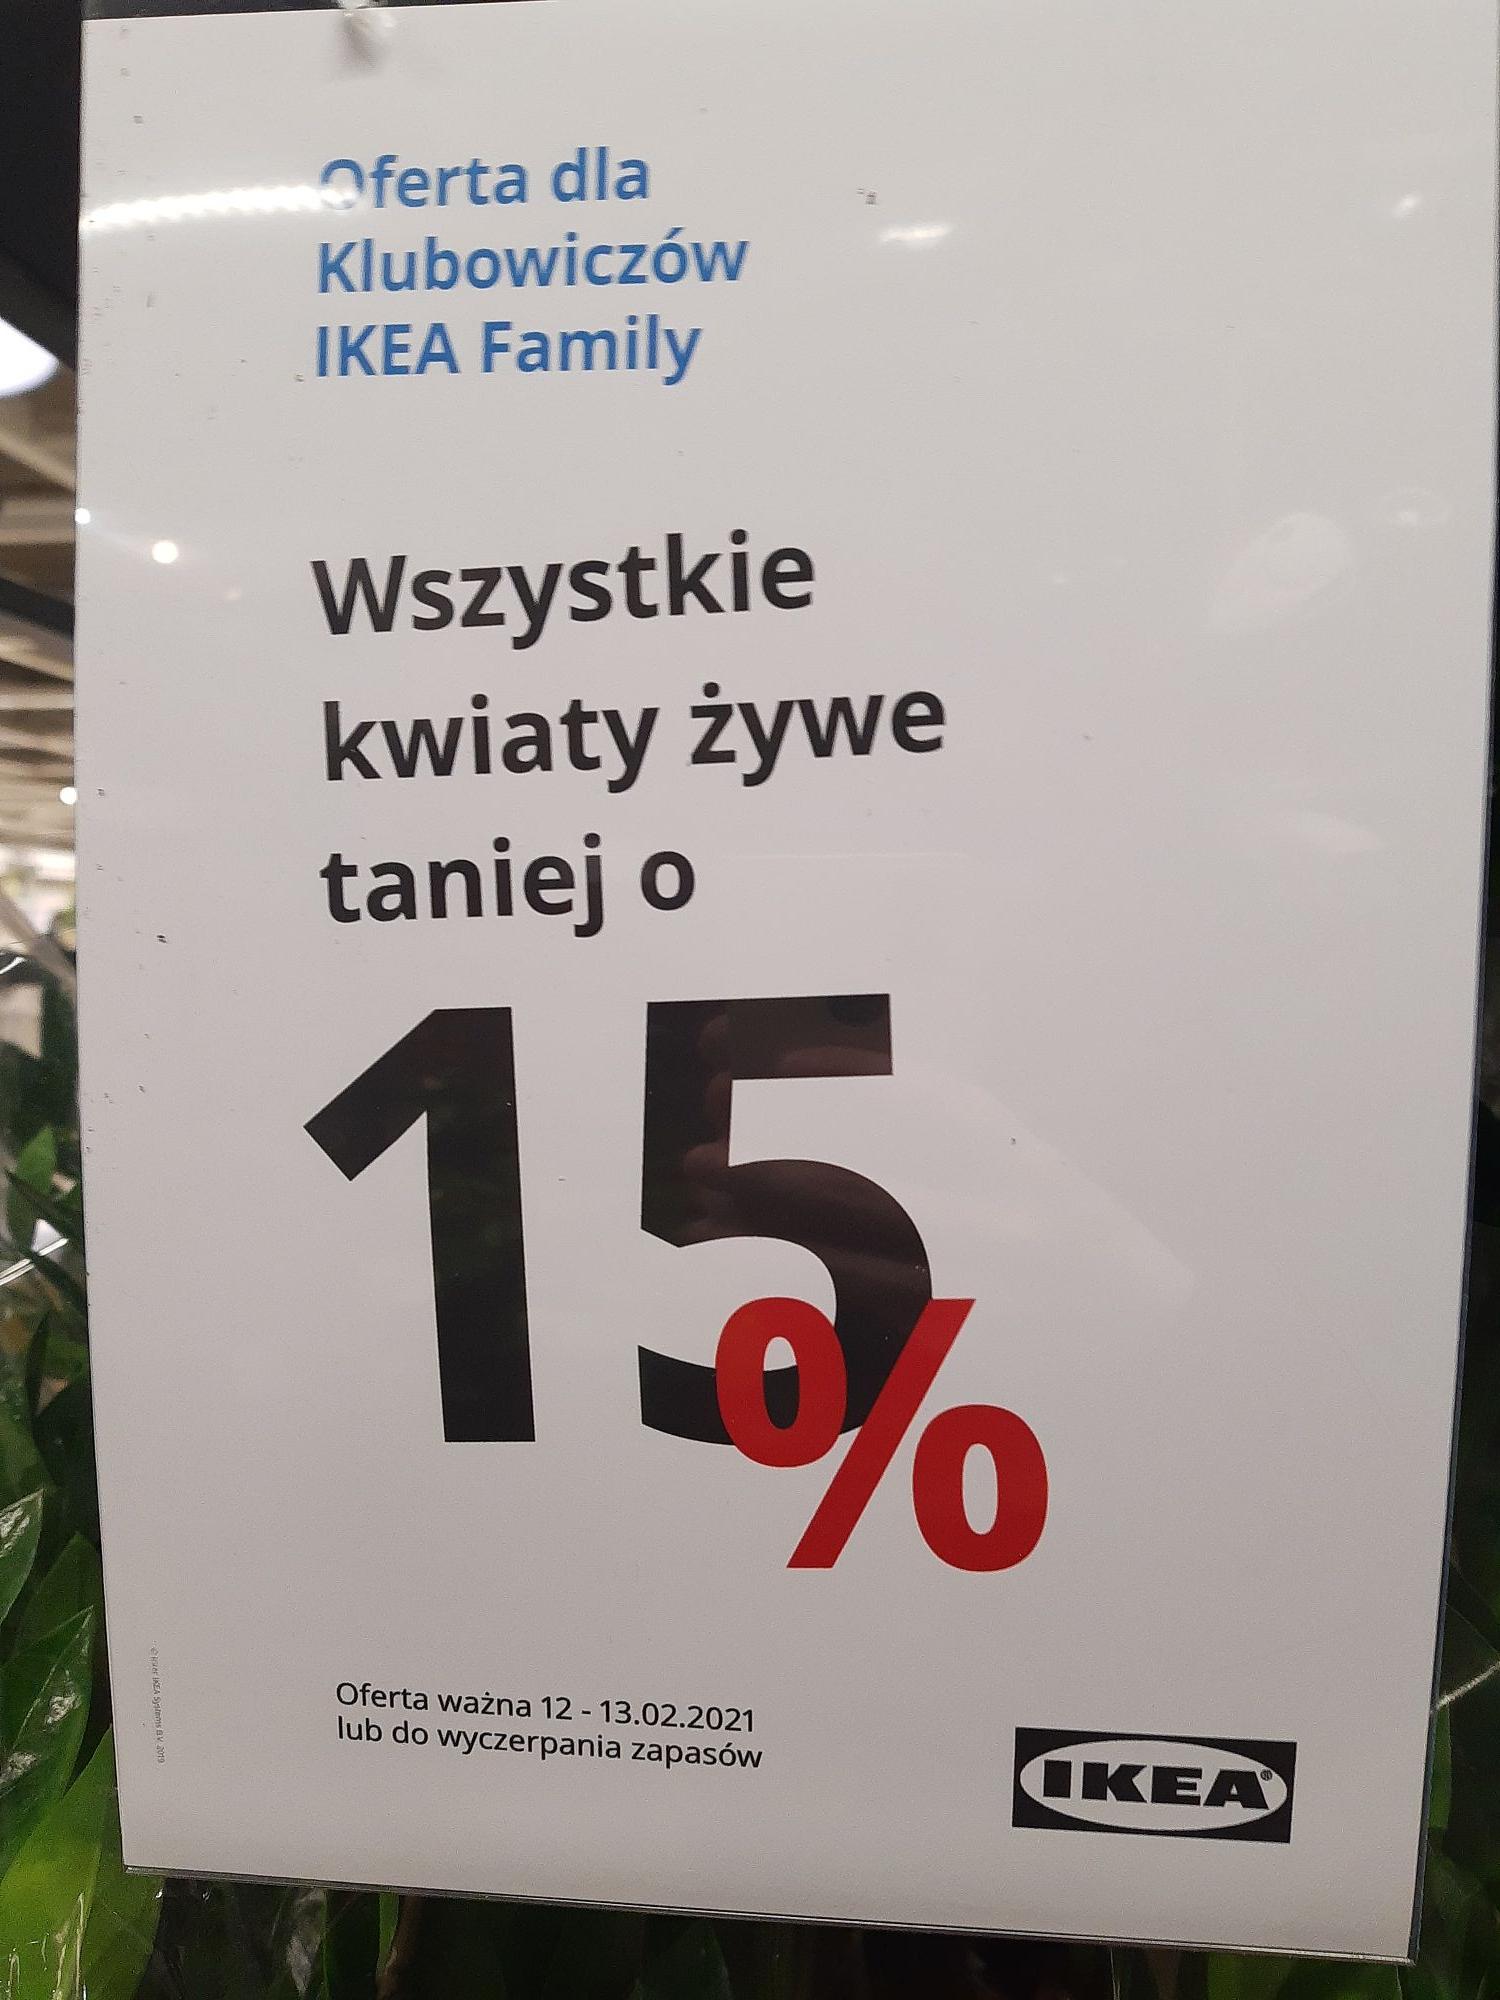 IKEA Gdańsk kwiaty żywe -15%